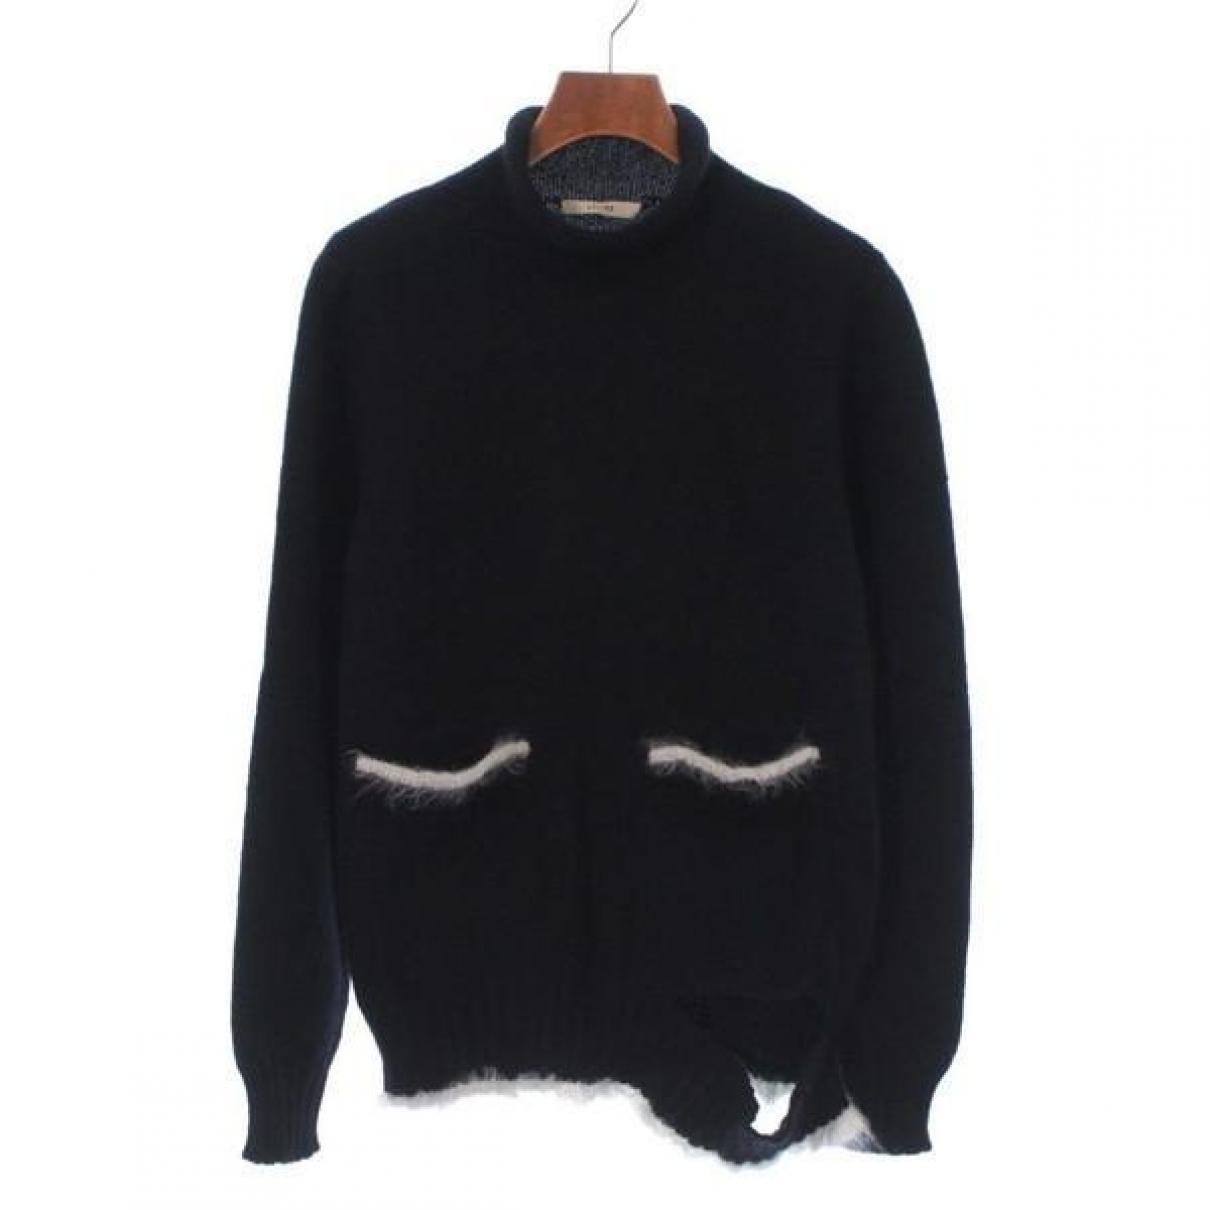 Celine \N Black Cashmere Knitwear for Women M International